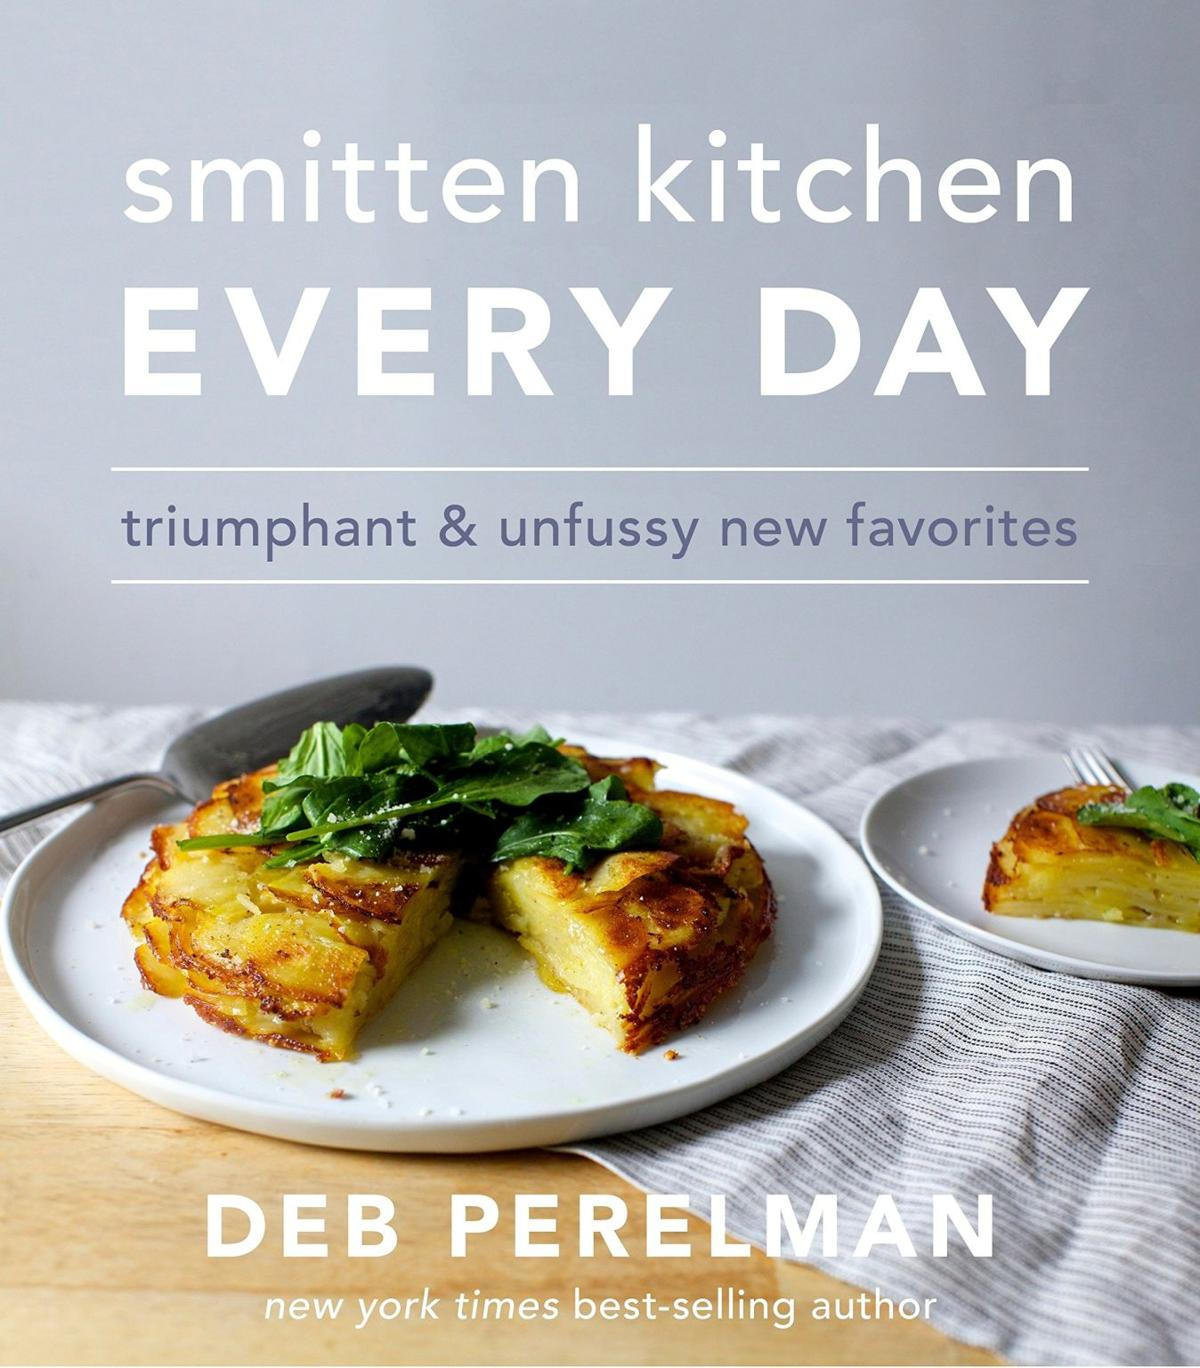 Book Scene: A \'Smitten Kitchen\' addiction | Literature ...